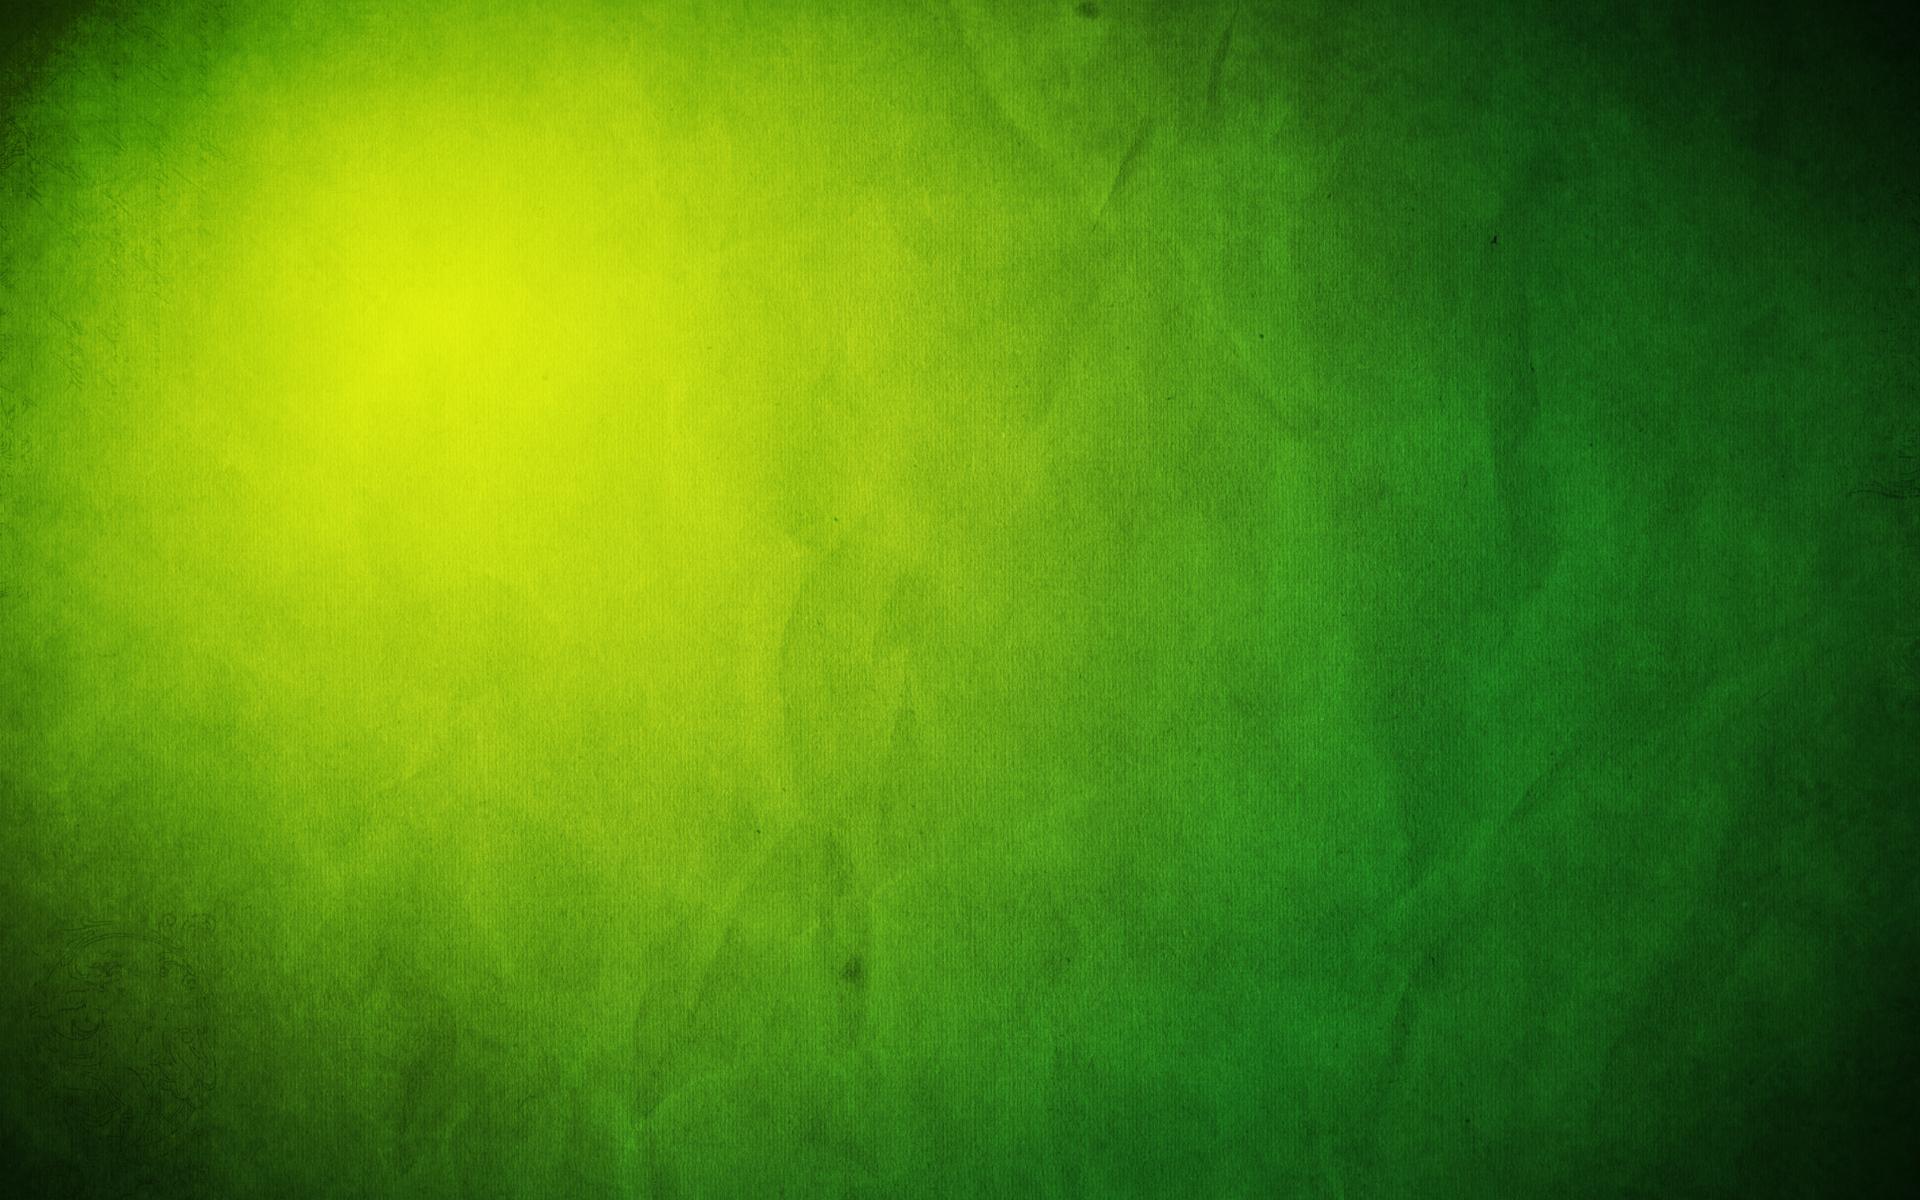 Yeşil Hd Duvar Kağıdı Arka Plan 1920x1200 Id370986